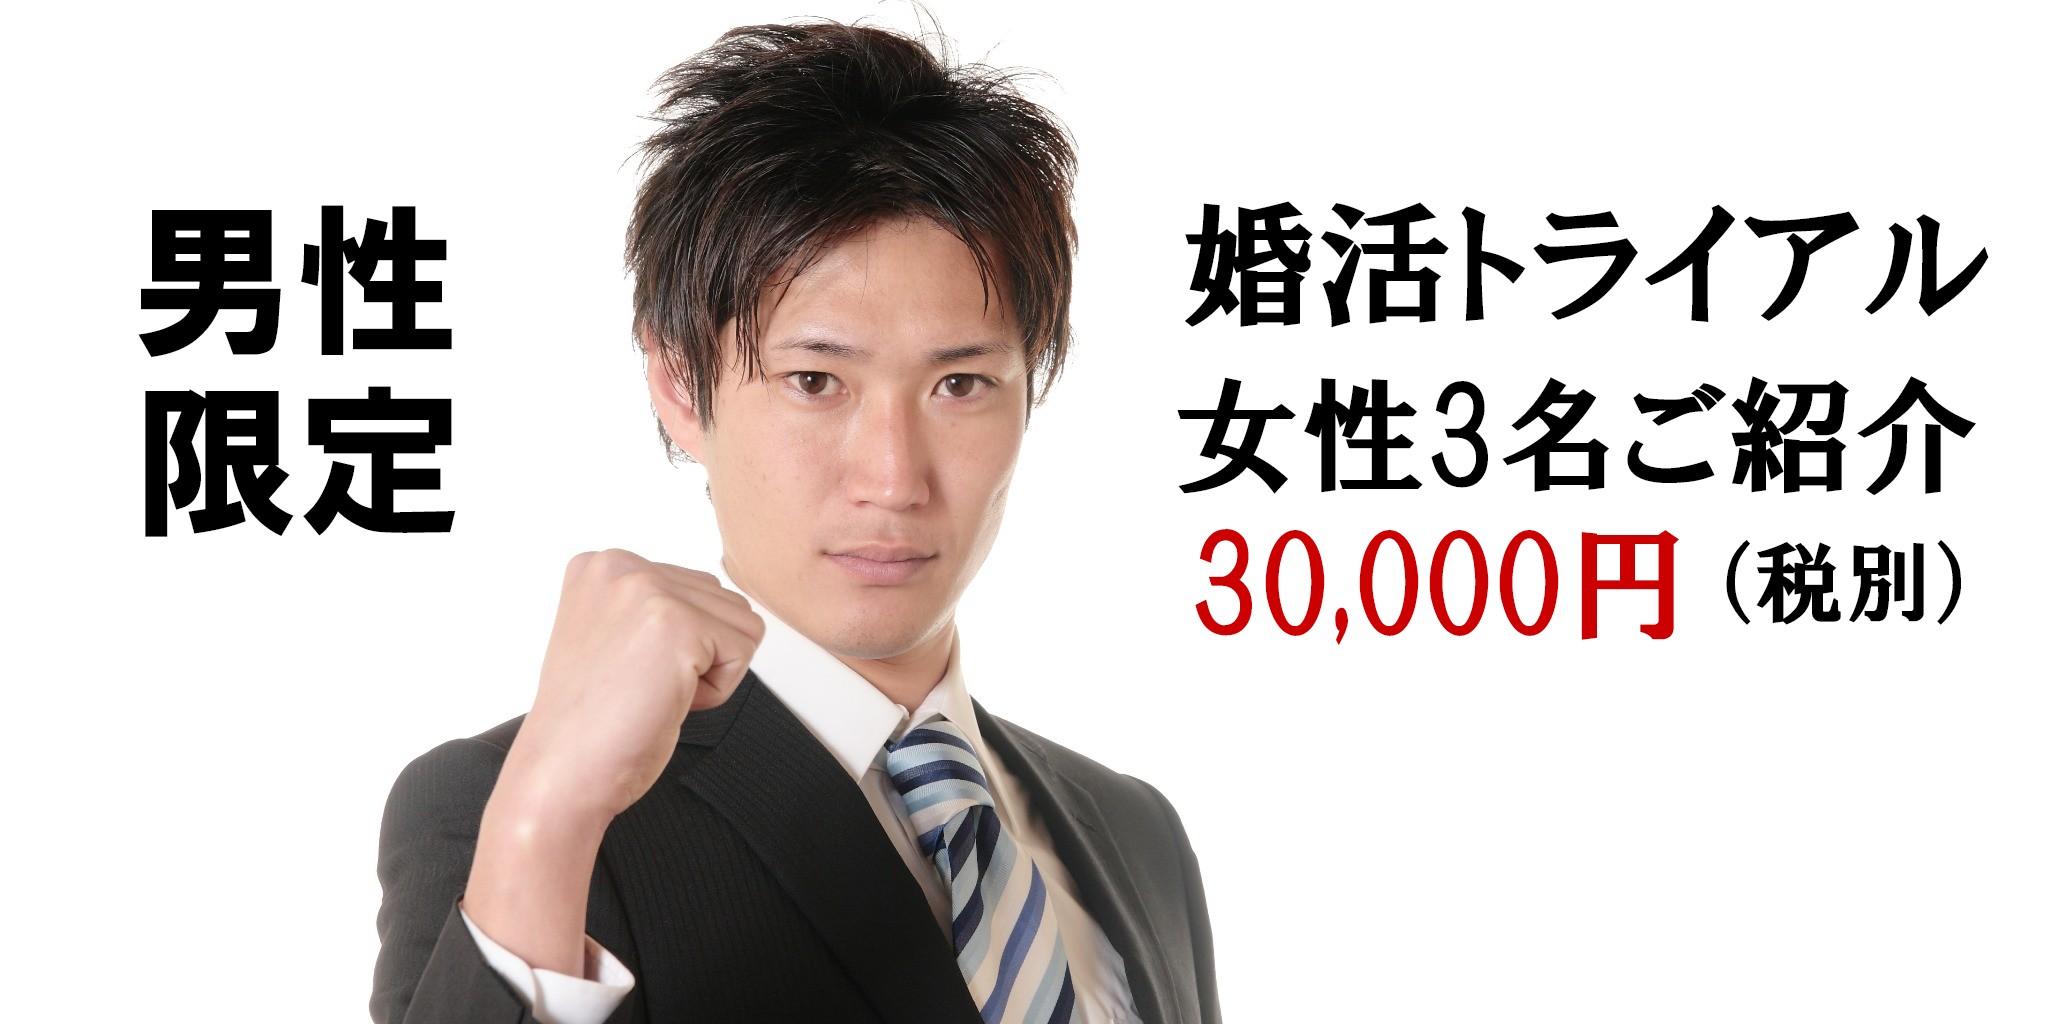 東京で婚活なら「婚活トライアル(お試し)は女性3名お見合い」が可能な占い館が提案の開婚マッチング!